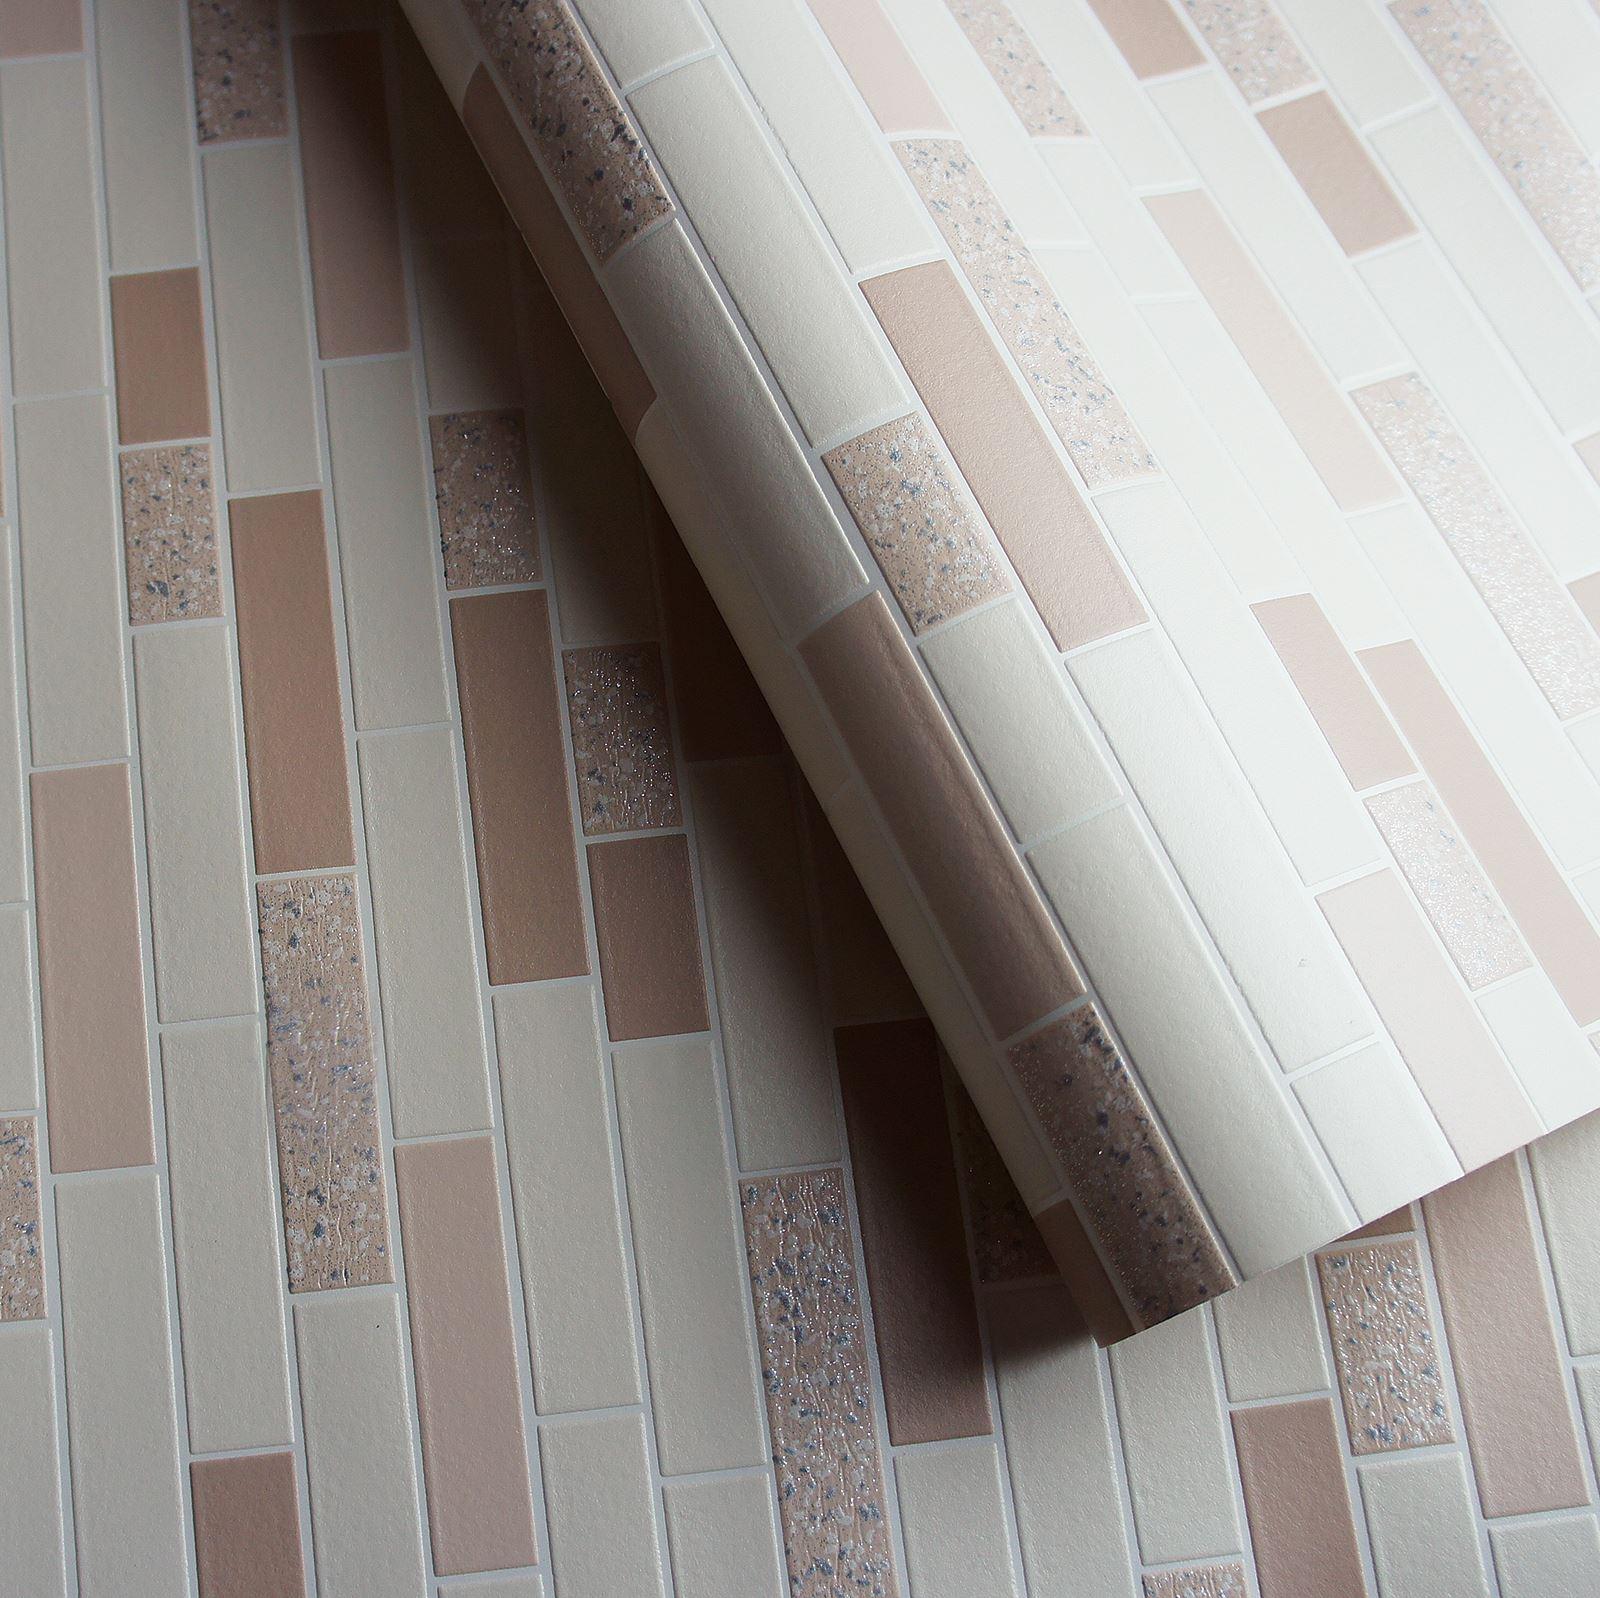 Kitchen Wallpaper Ebay Uk: HOLDEN TILING ON A ROLL OBLONG GRANITE TILE GLITTER